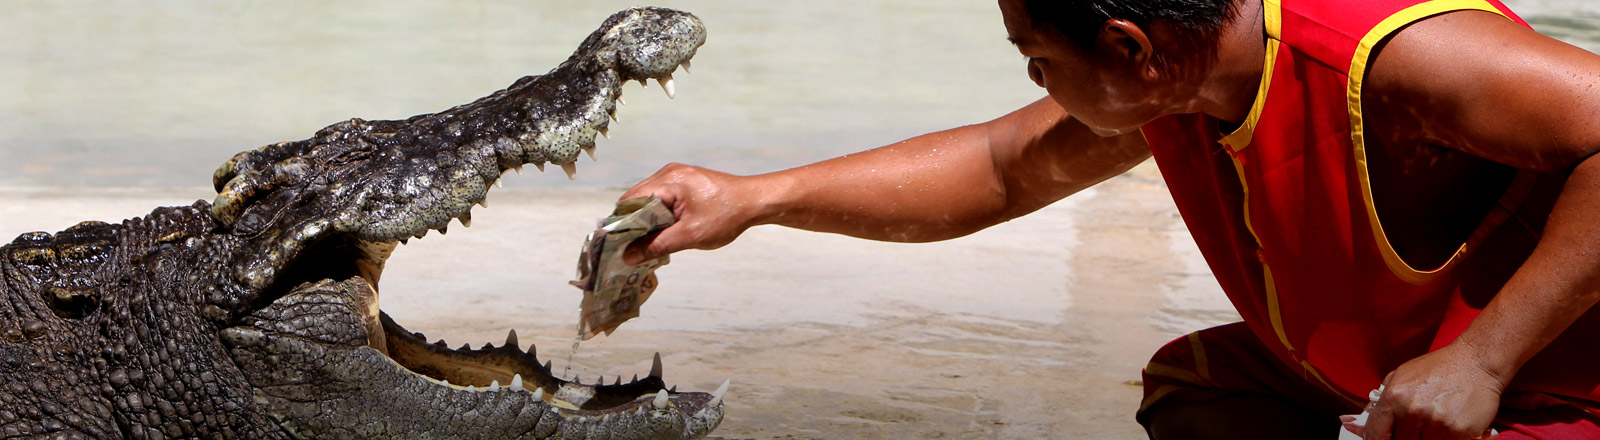 Ein Mann steckt seine Hand in das Maul eines Krokodils